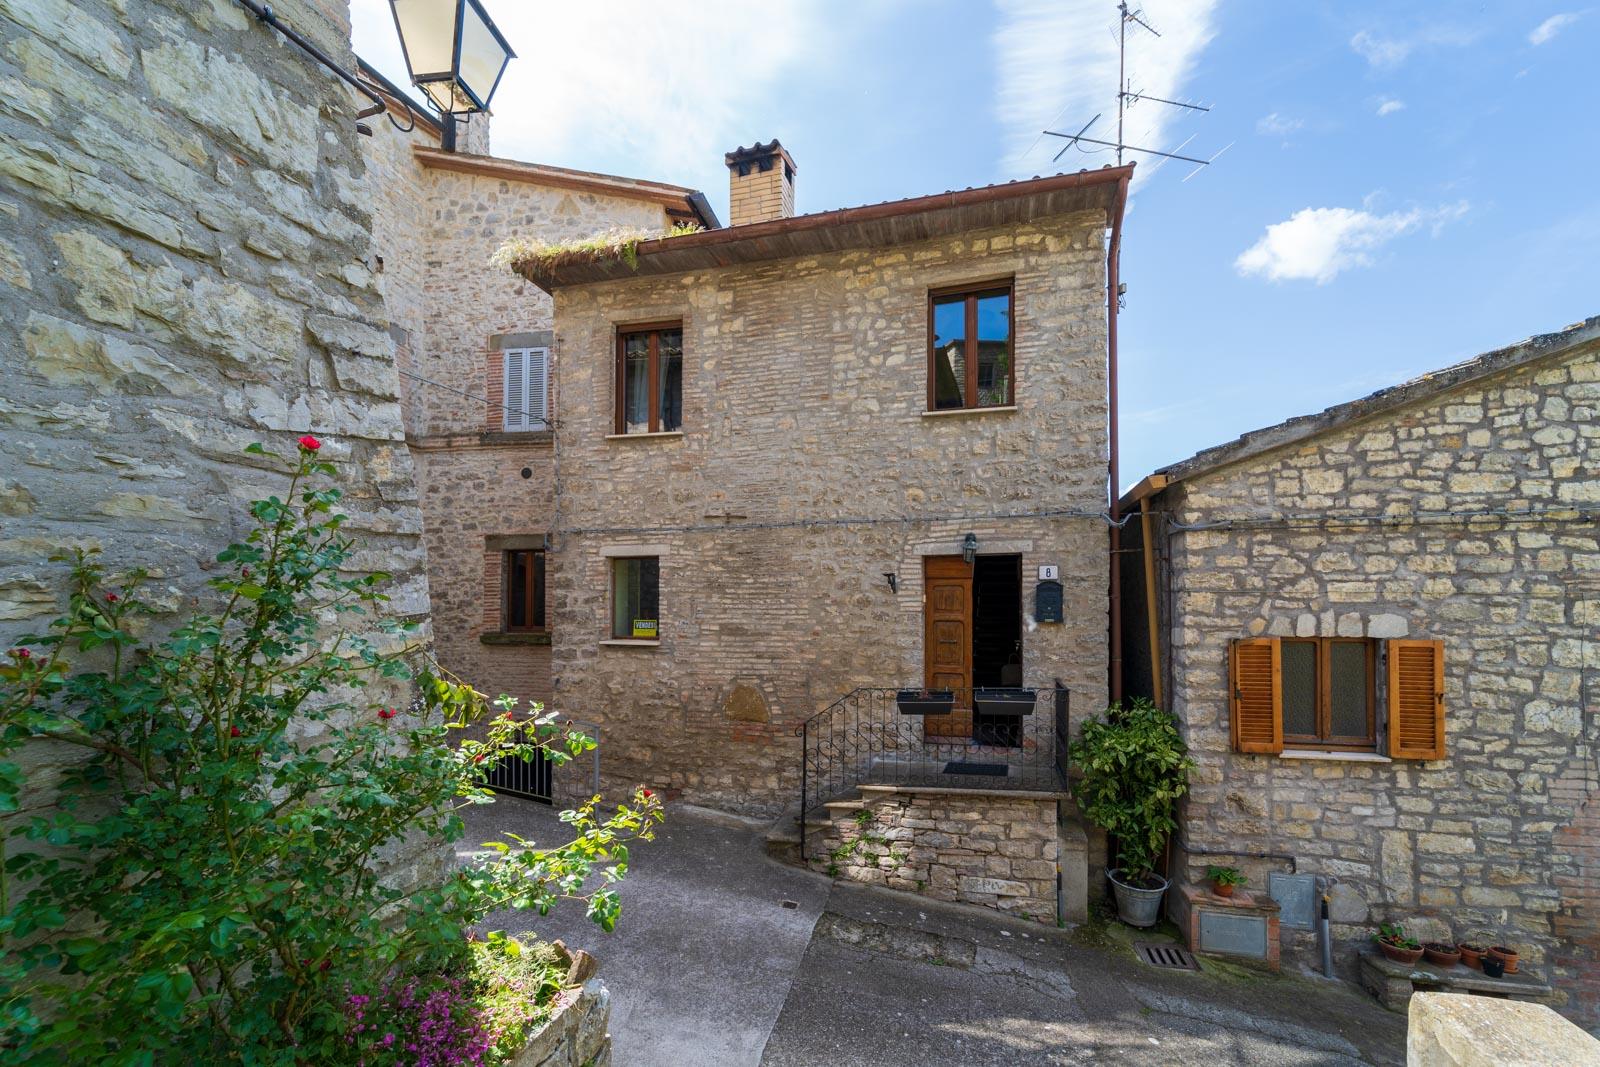 Deliziosa casa cielo-terra con terrazza panoramica situata in un grazioso paesino tra Marsciano e Orvieto